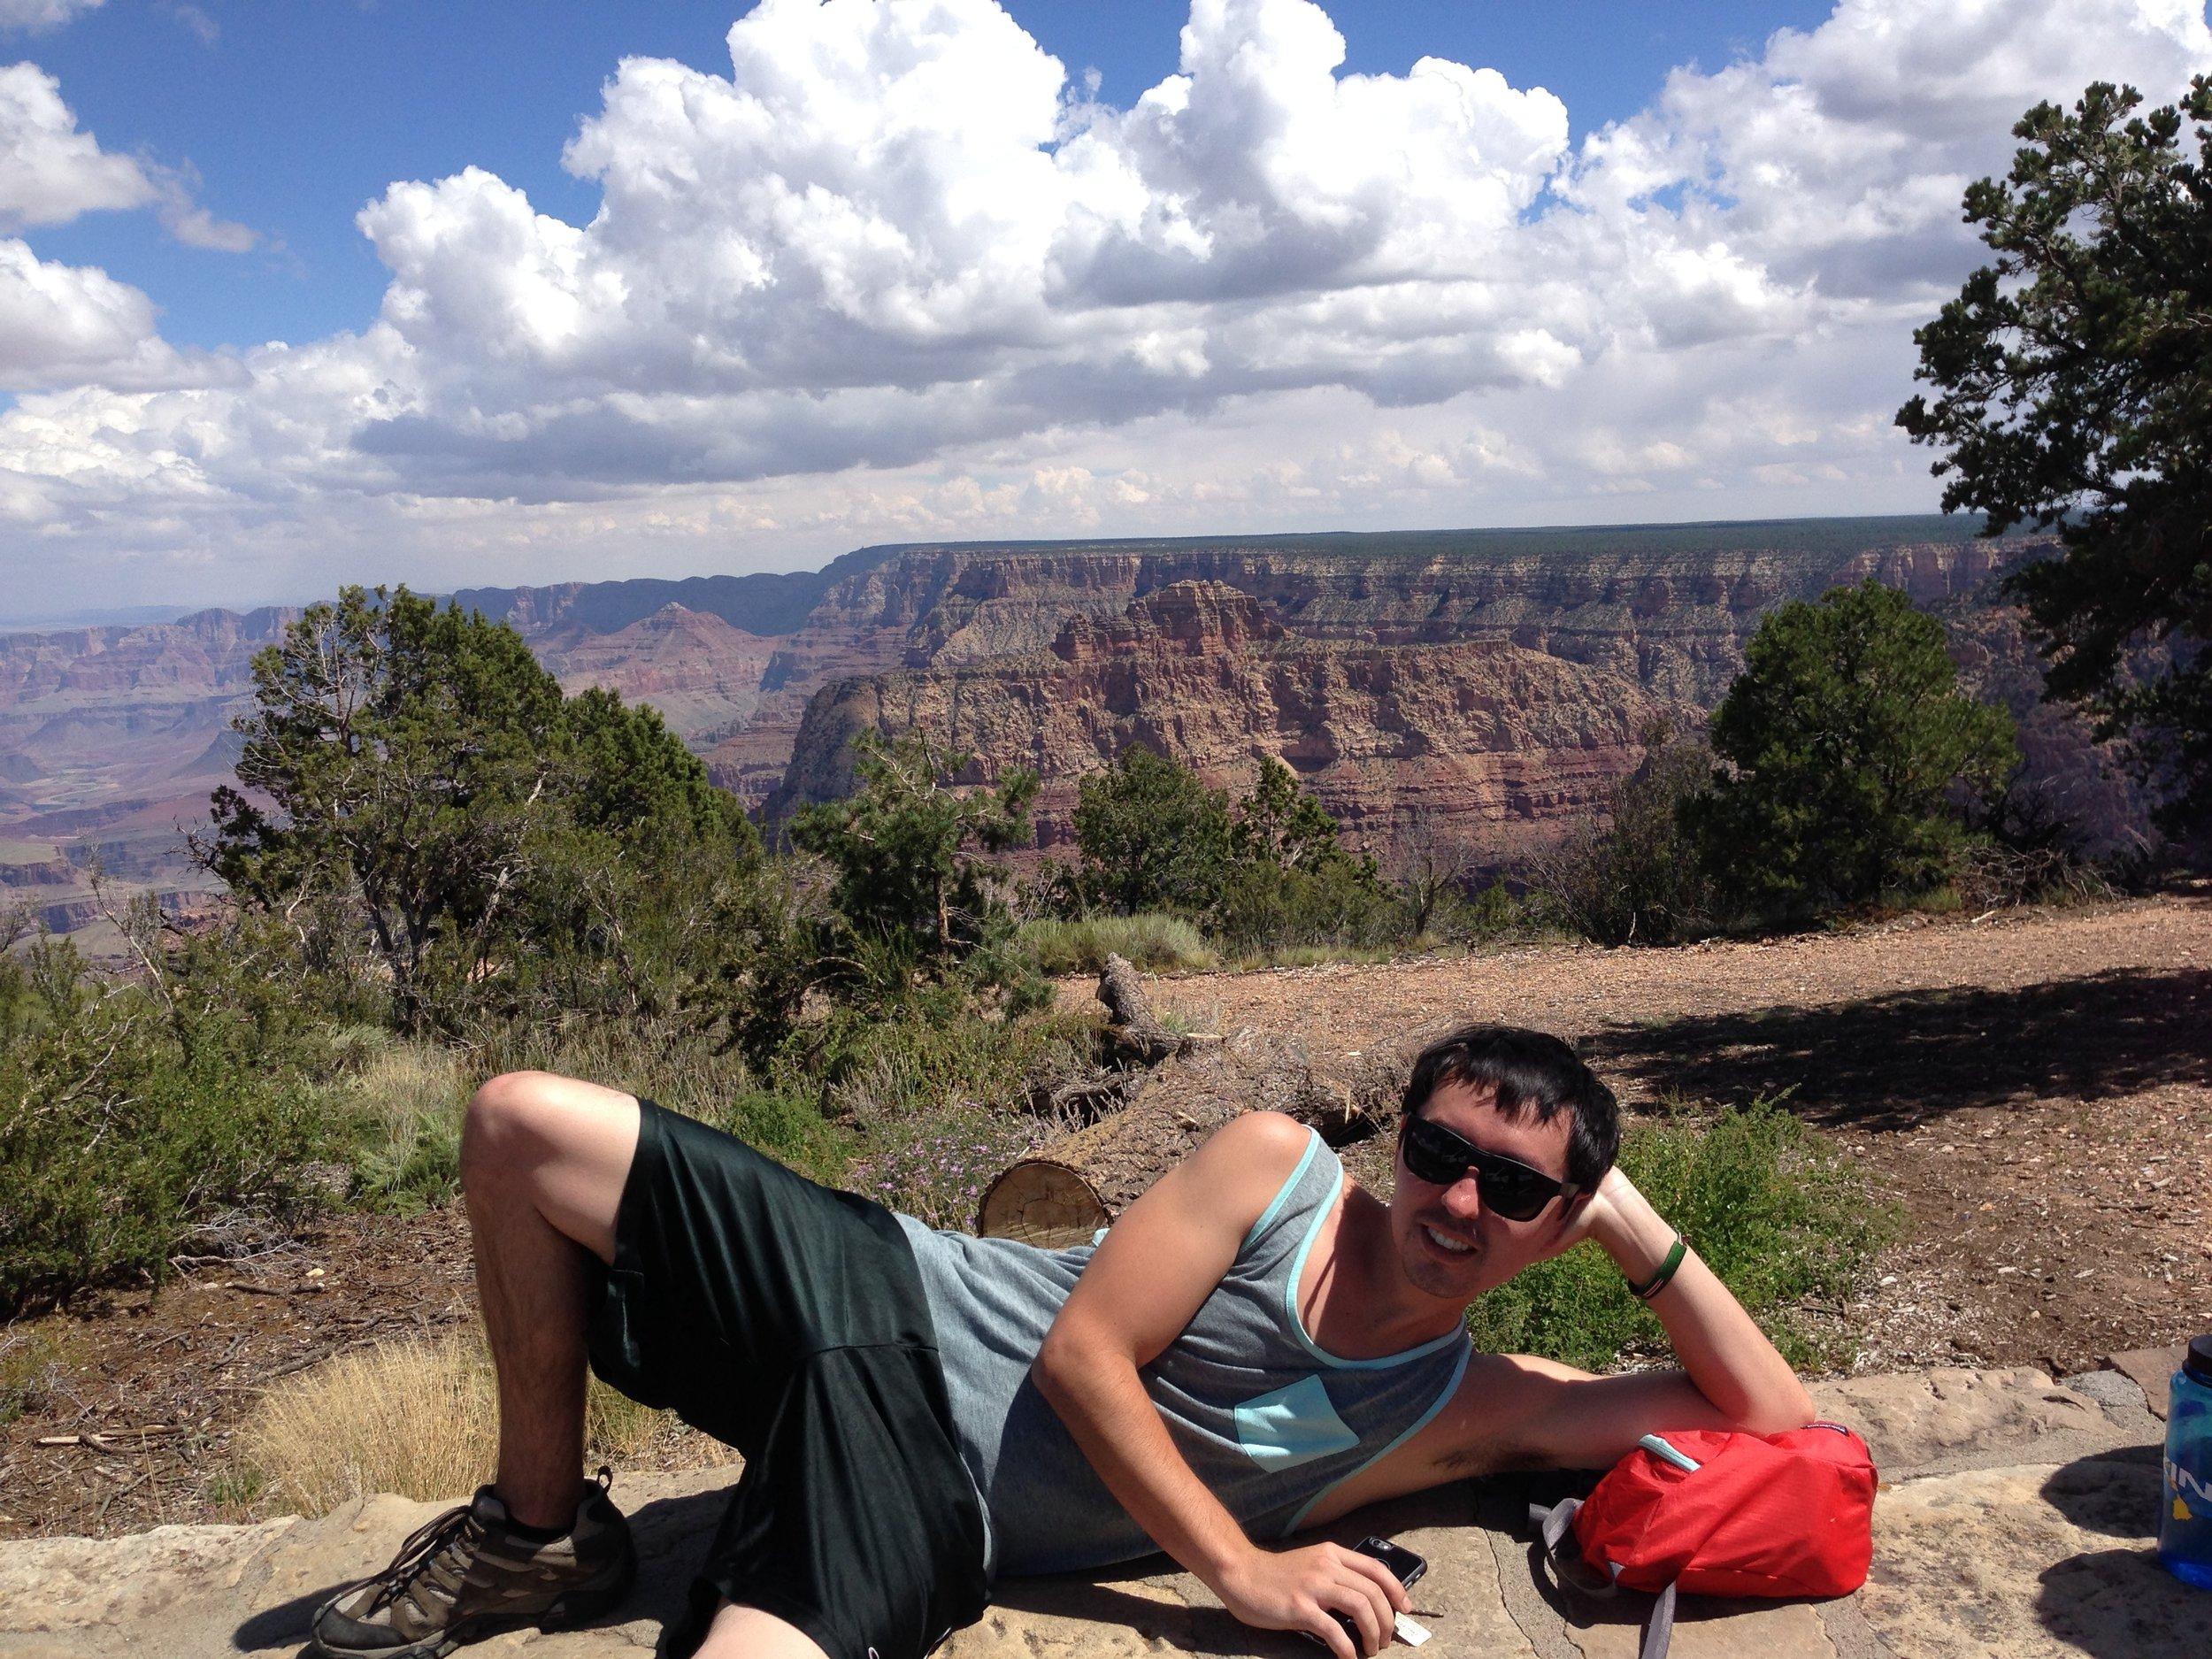 Matt posing at the Grand Canyon